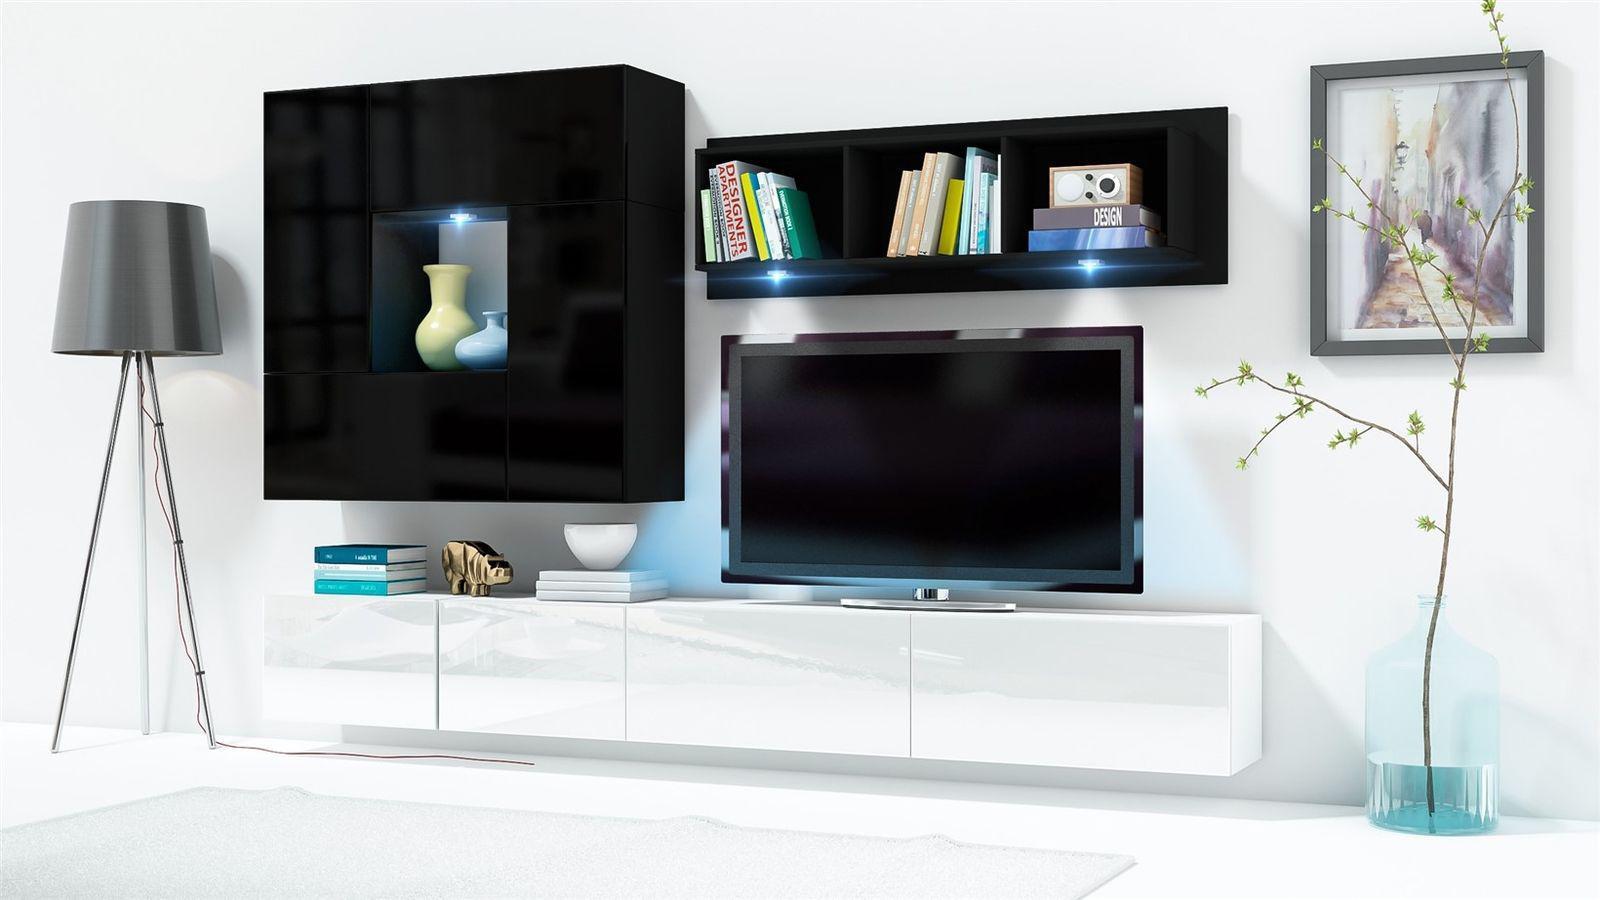 Wohnwande Design Konzept : Mediawand wohnwand tlg konzept weiss schwarz hgl mit led